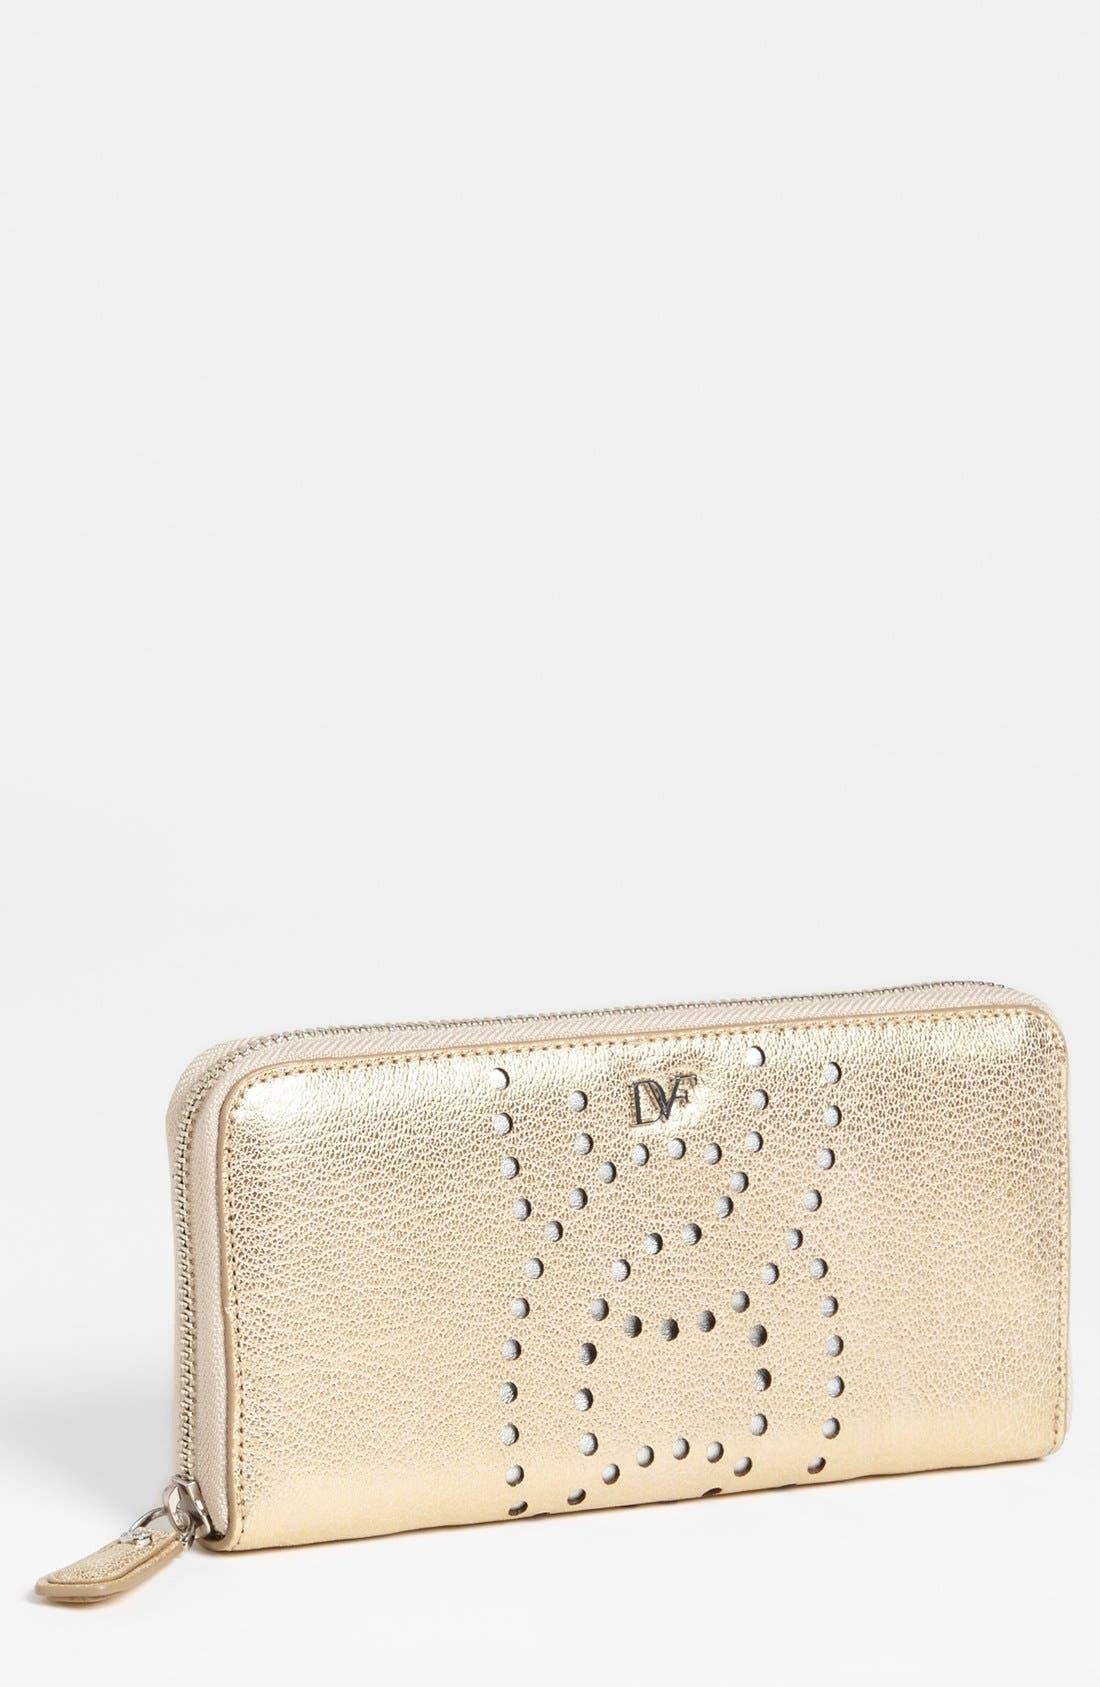 Main Image - Diane von Furstenberg 'Sutra' Leather Wallet